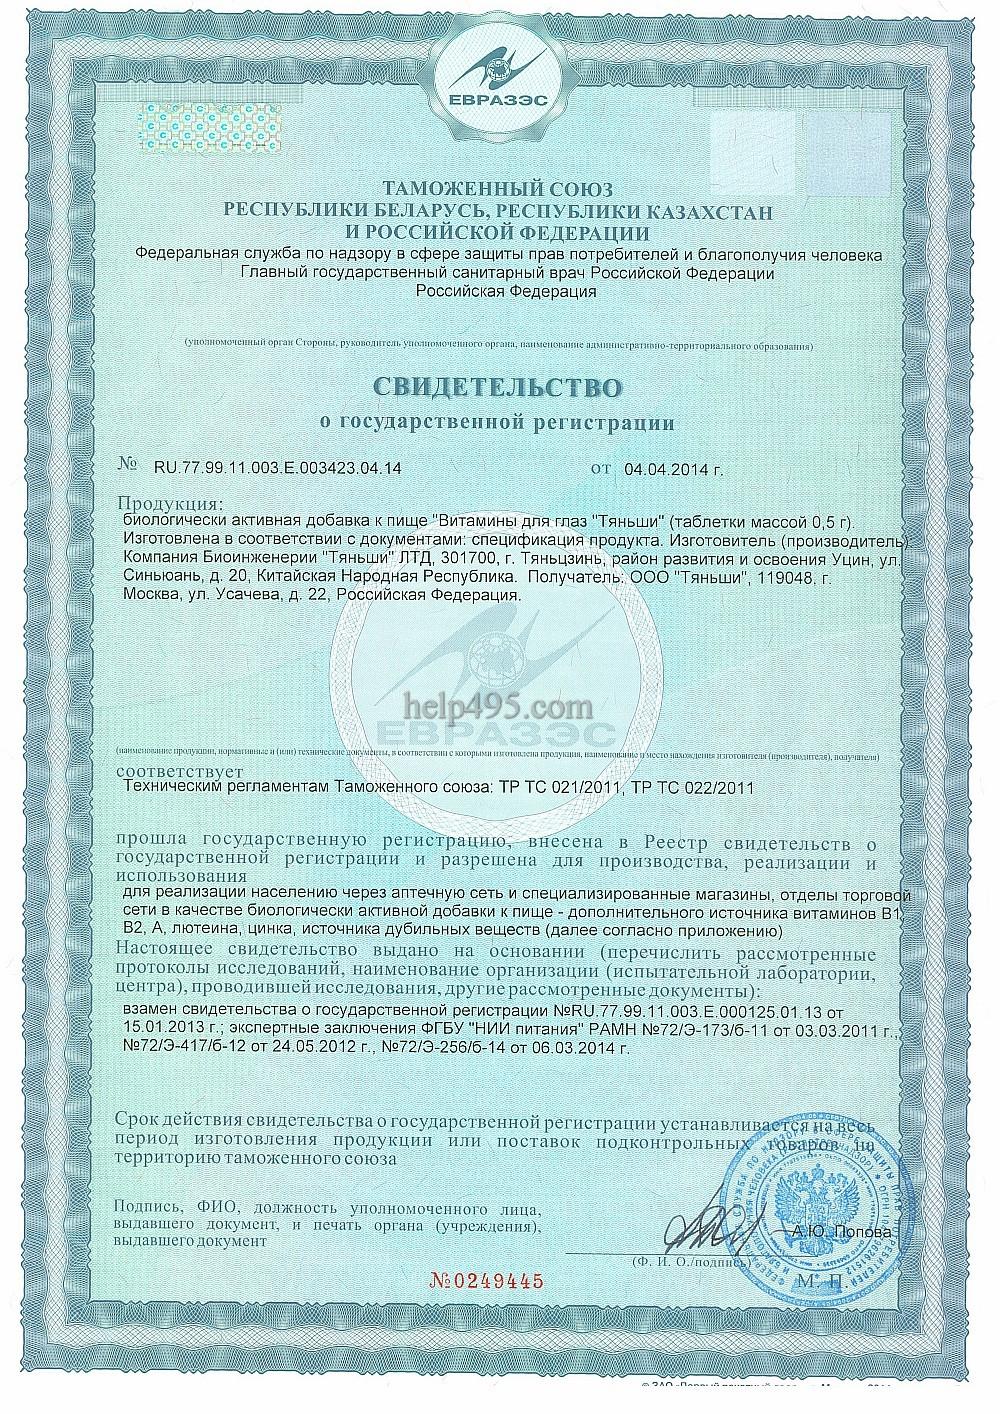 1-ая стр. сертификата препарата: Витамины для глаз